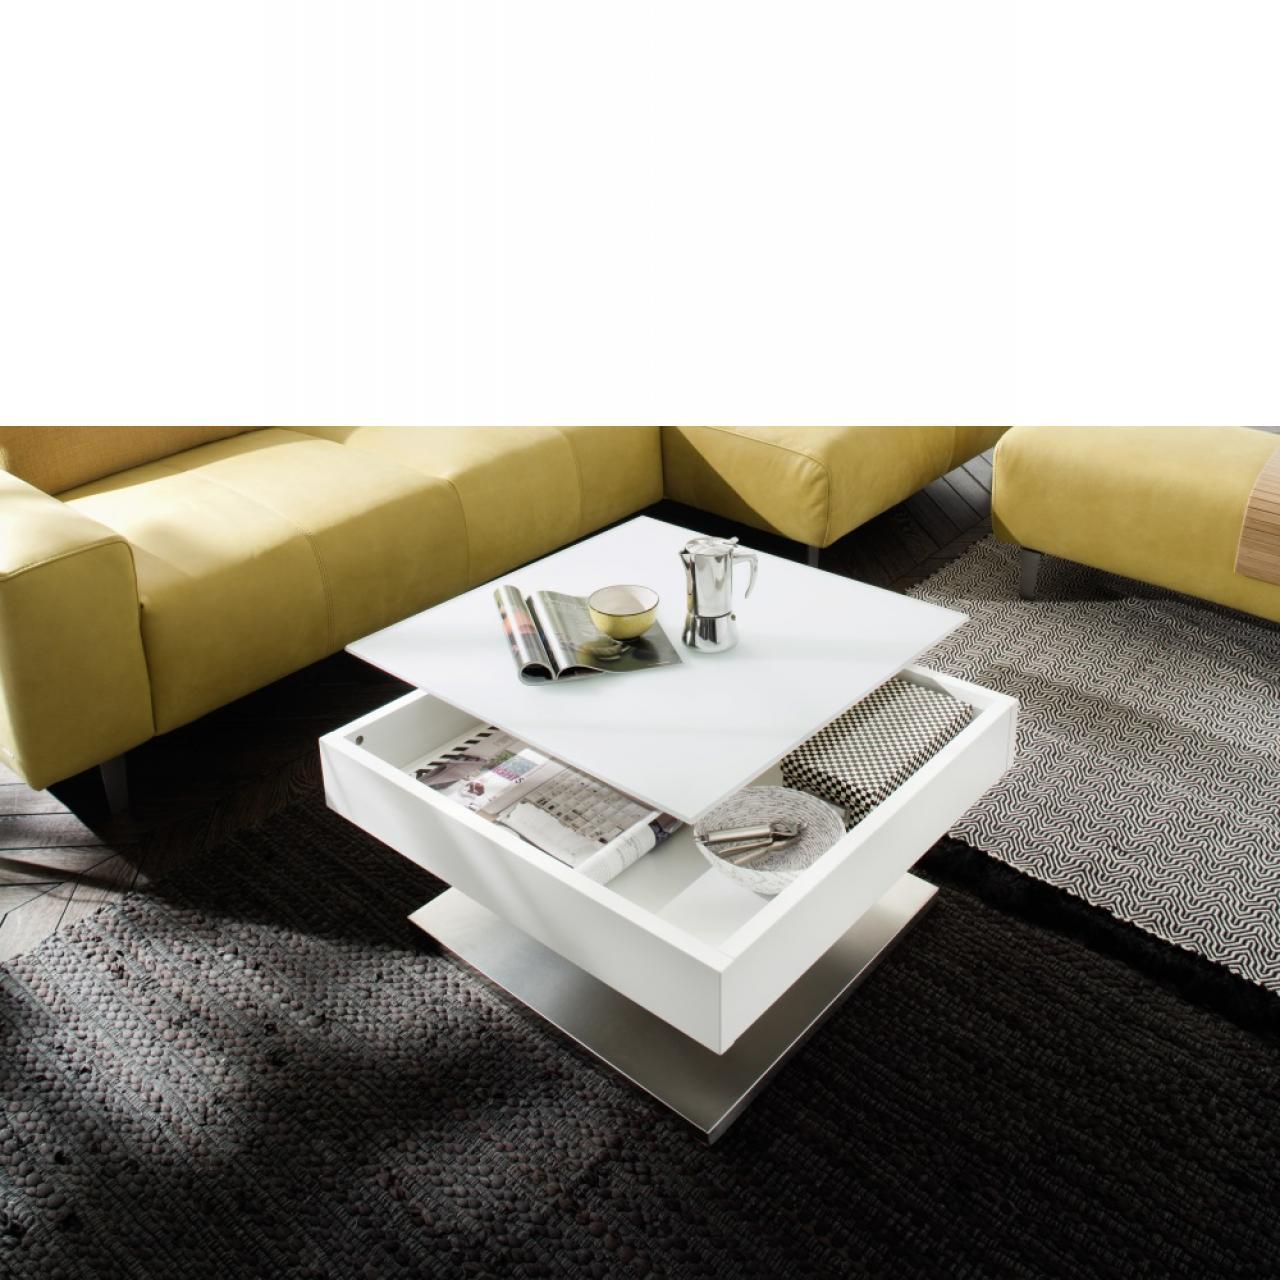 Couchtisch Mariko Edelstahloptik drehbare Glasplatte